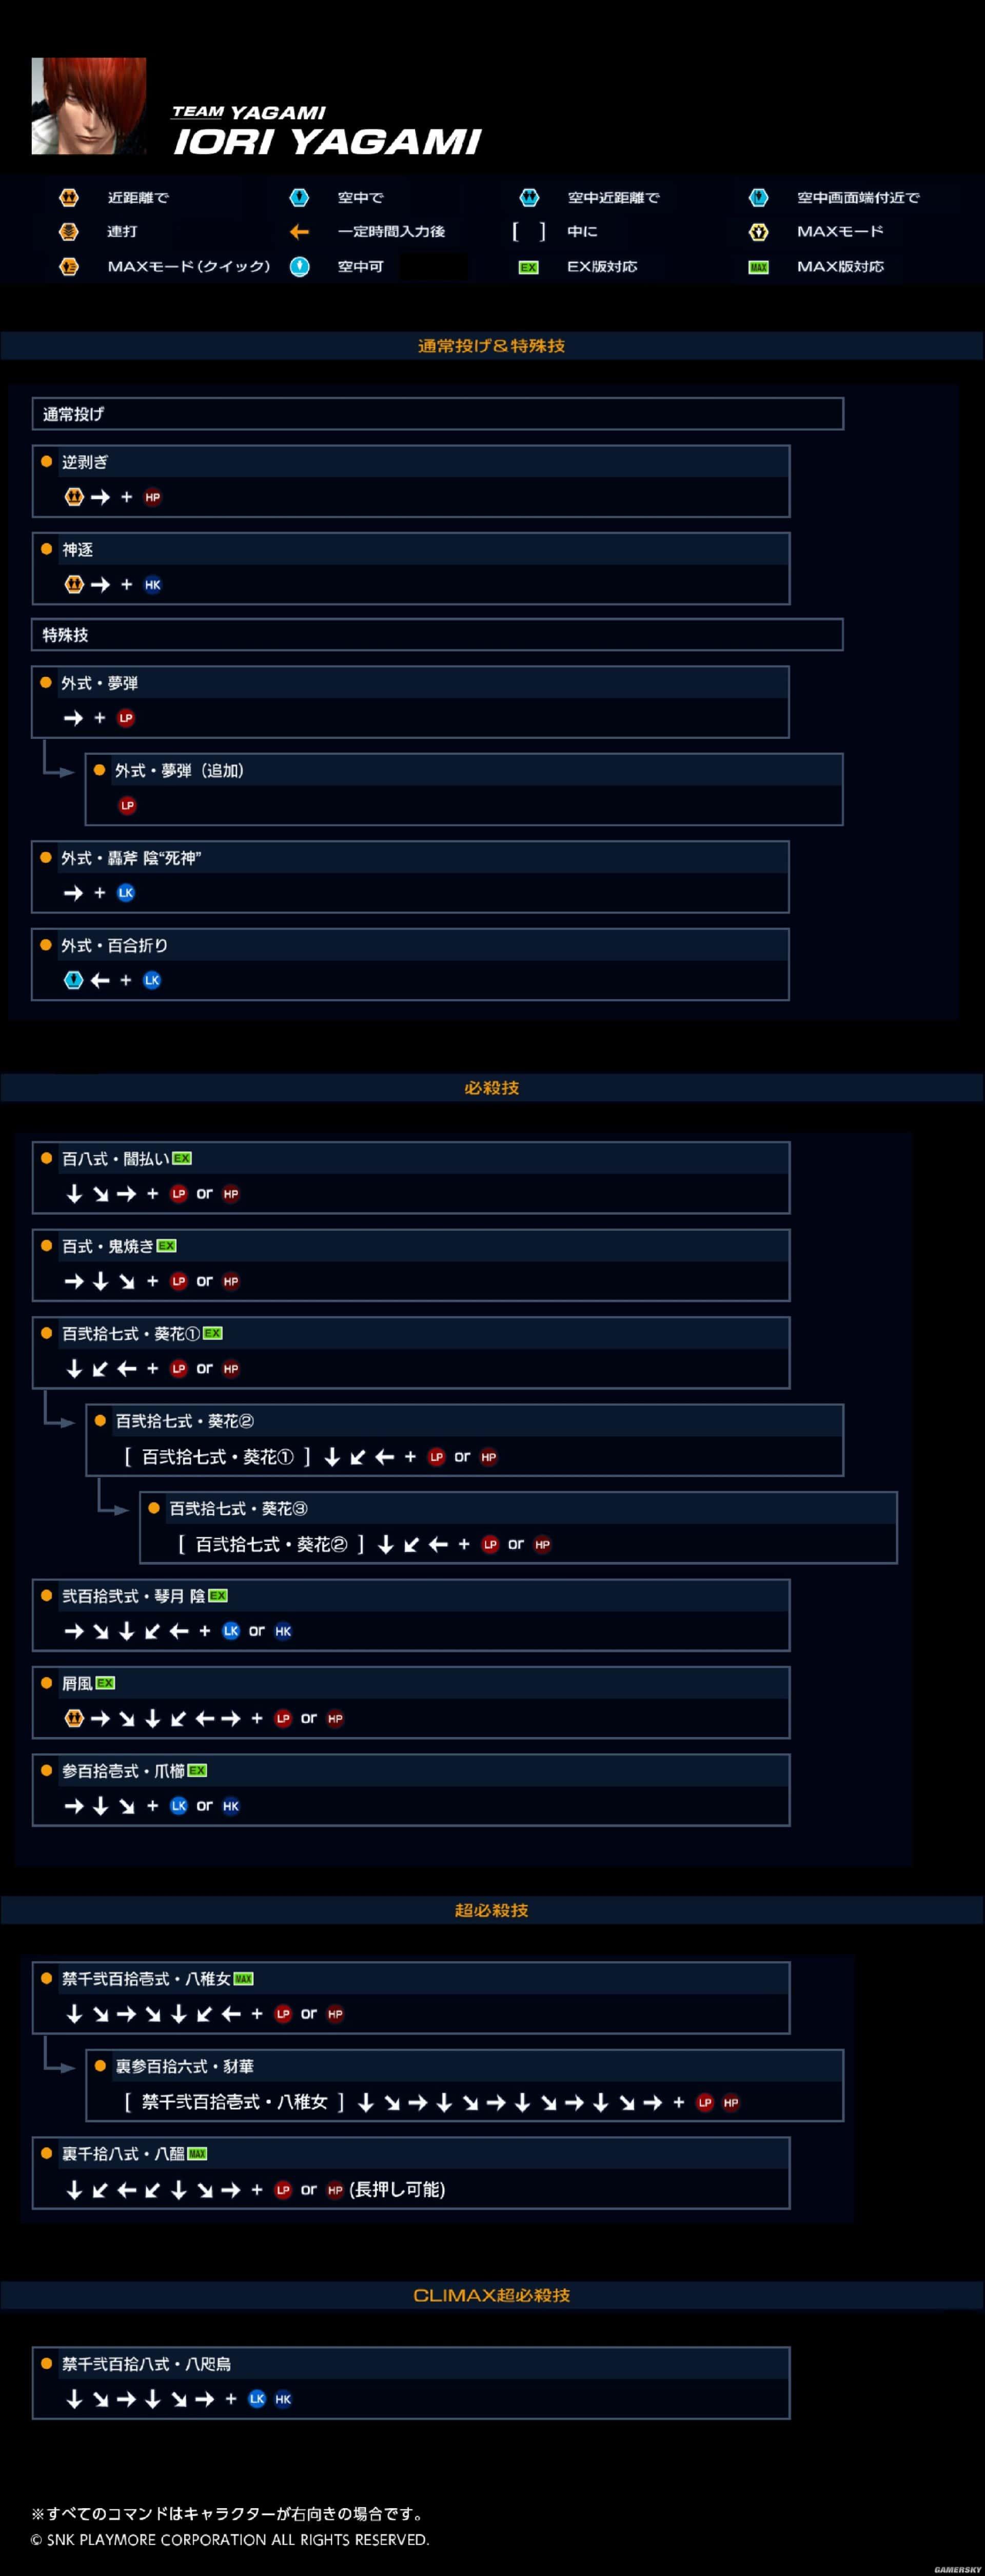 拳皇14 出招表及按鍵 全人物出招表